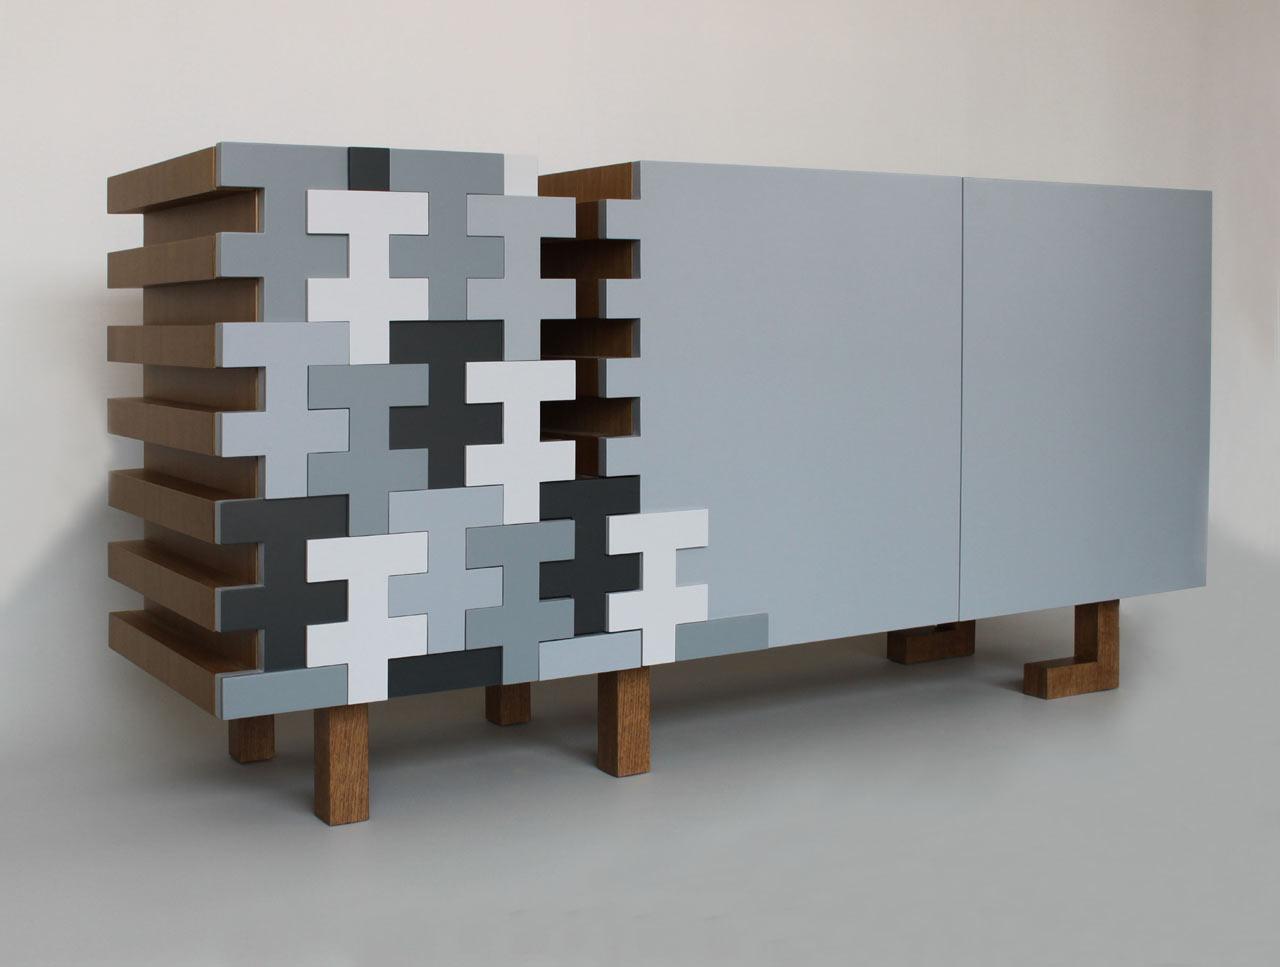 Taree_E1+E4_design-Terezie-Simonova-1